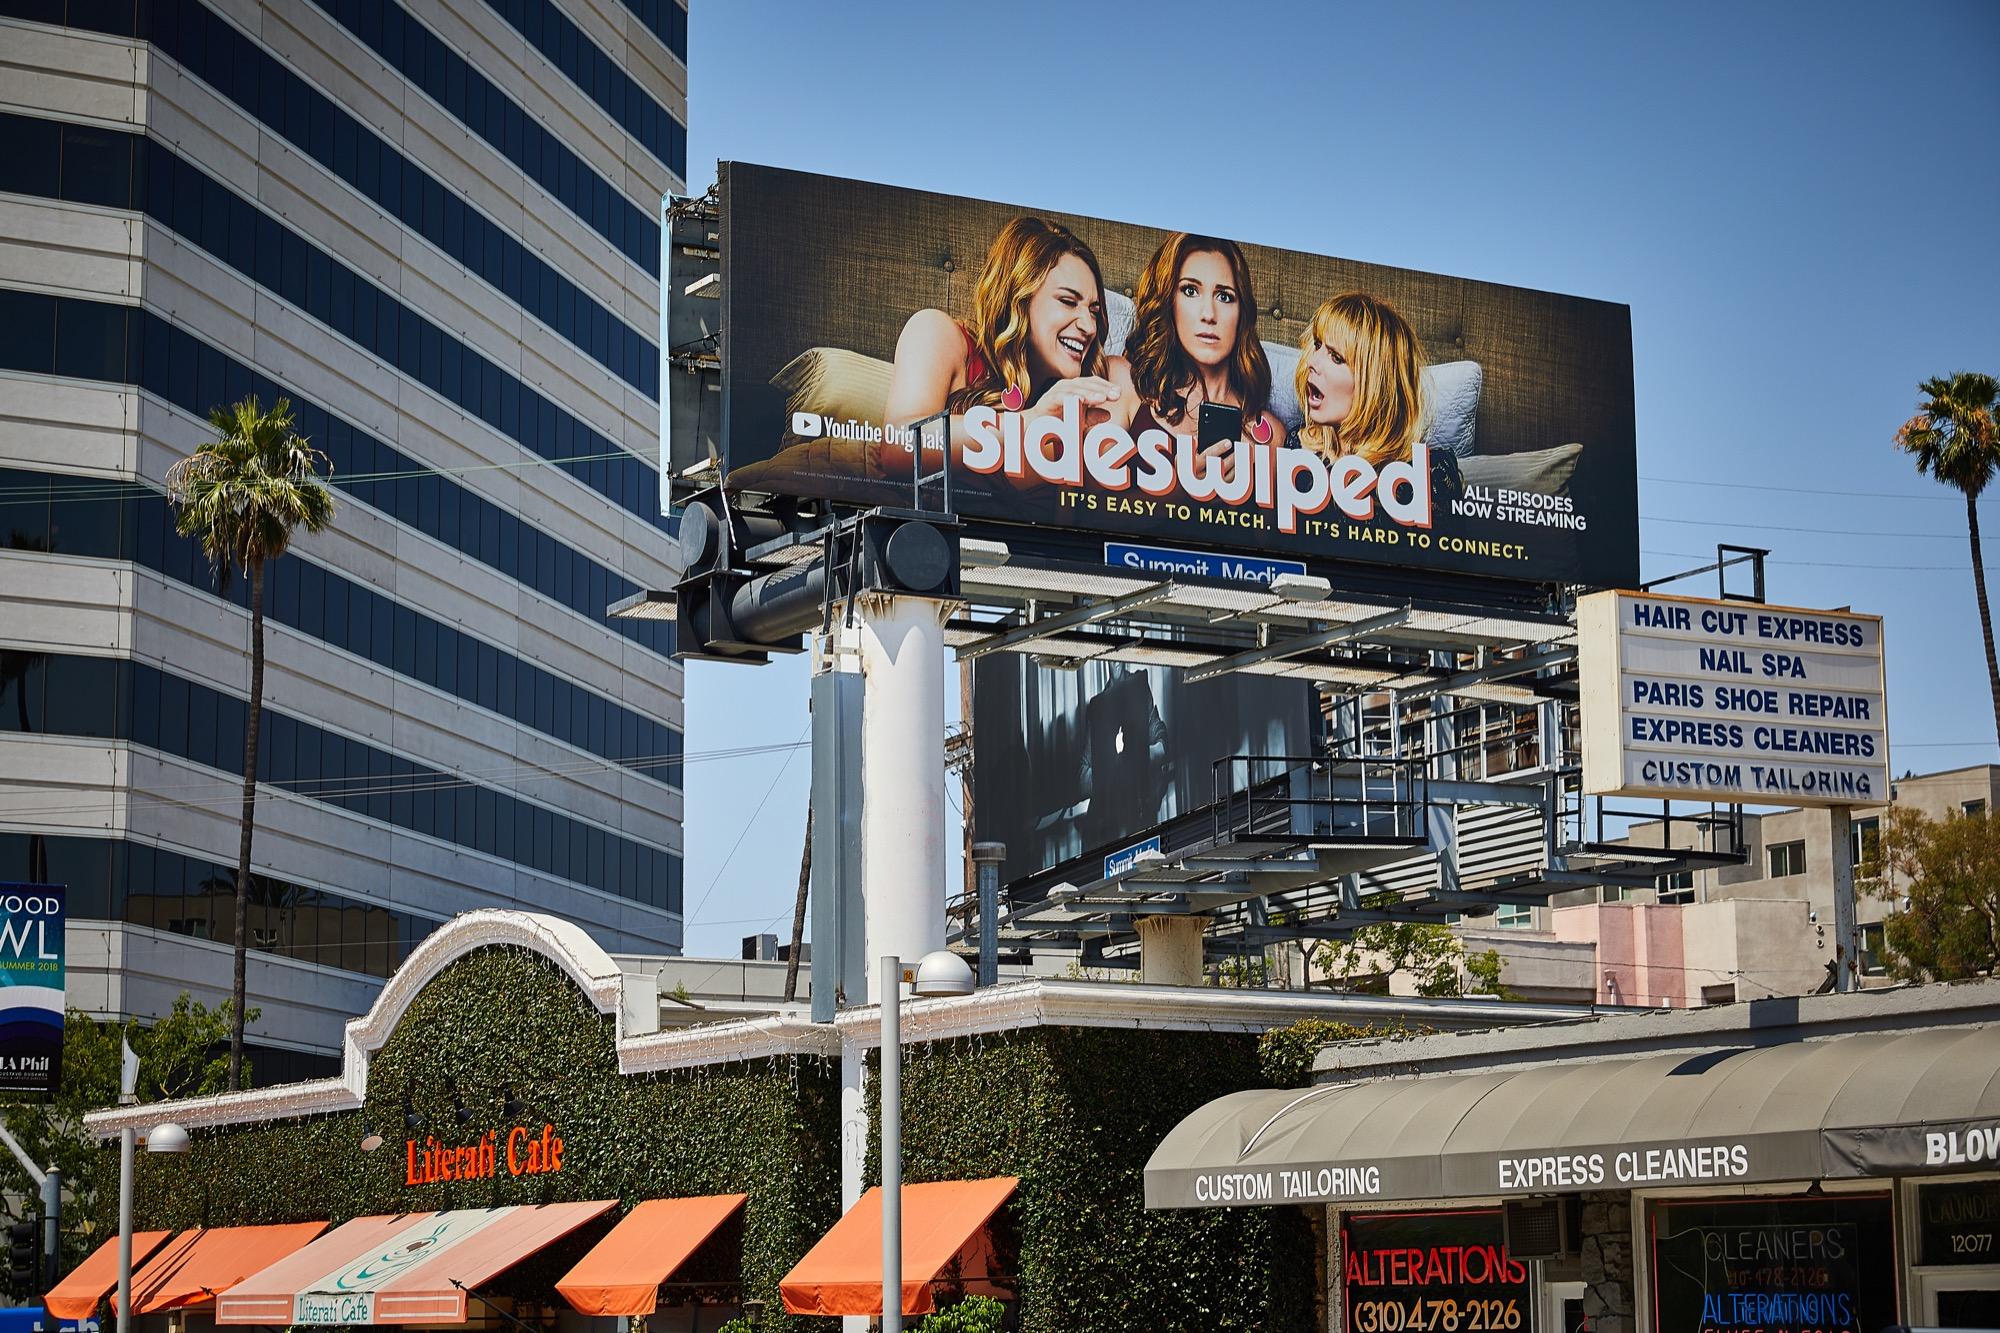 co_billboards_12967.jpg